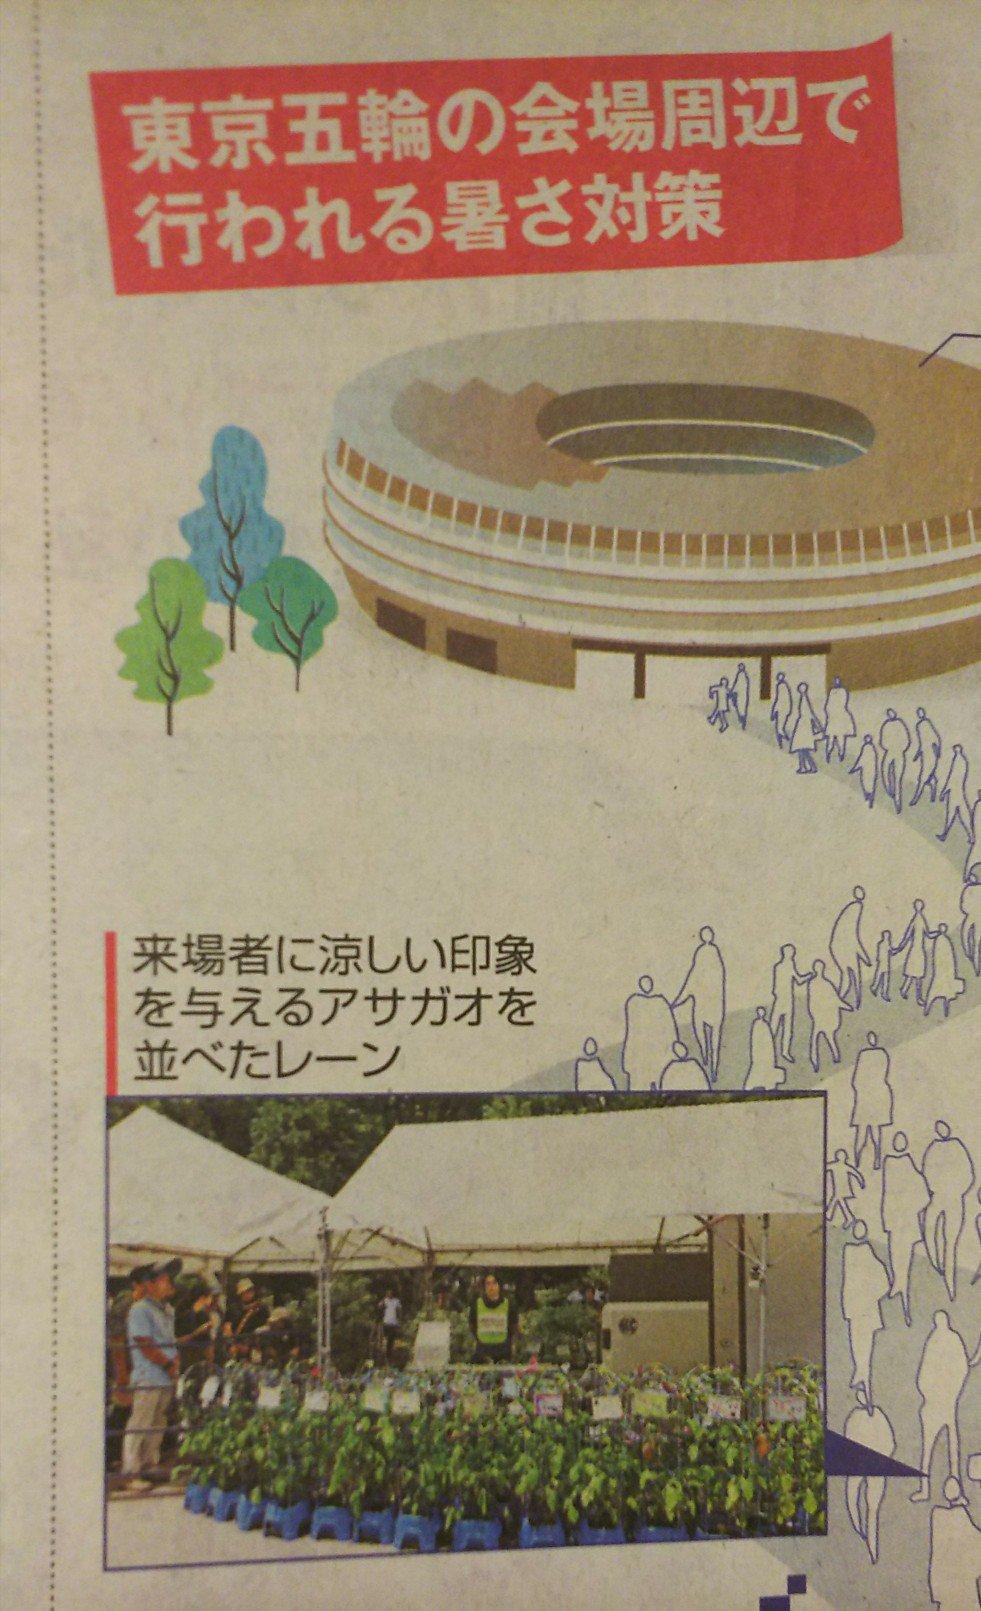 今朝の新聞に載っていた東京五輪の会場周辺で行われる暑さ対策。「体温を下げる効果はない」って対策になってますかねこれ大丈夫かな。